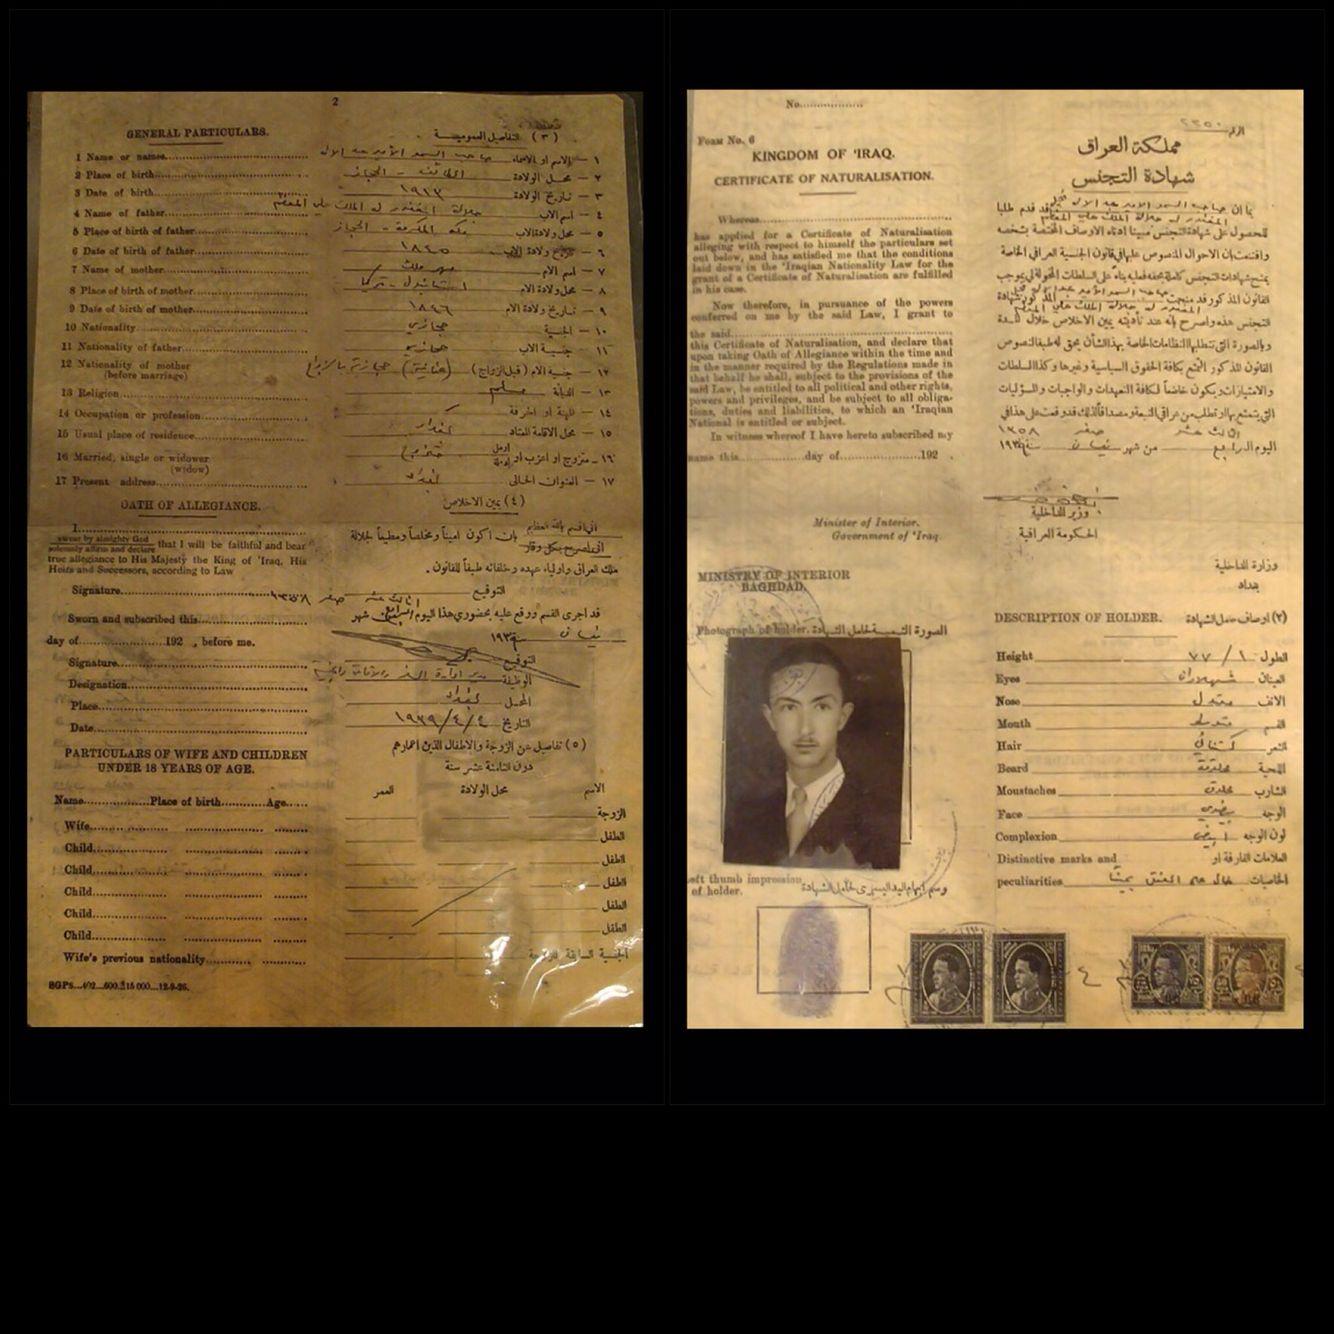 شهادة الجنسية العراقية للامير عبدالاله بن الملك علي الوصي على عرش العراق صادرة في ٤ نيسان ١٩٣٩م وهو نفس اليوم الذي توفي فيه المل Baghdad Iraq History Baghdad